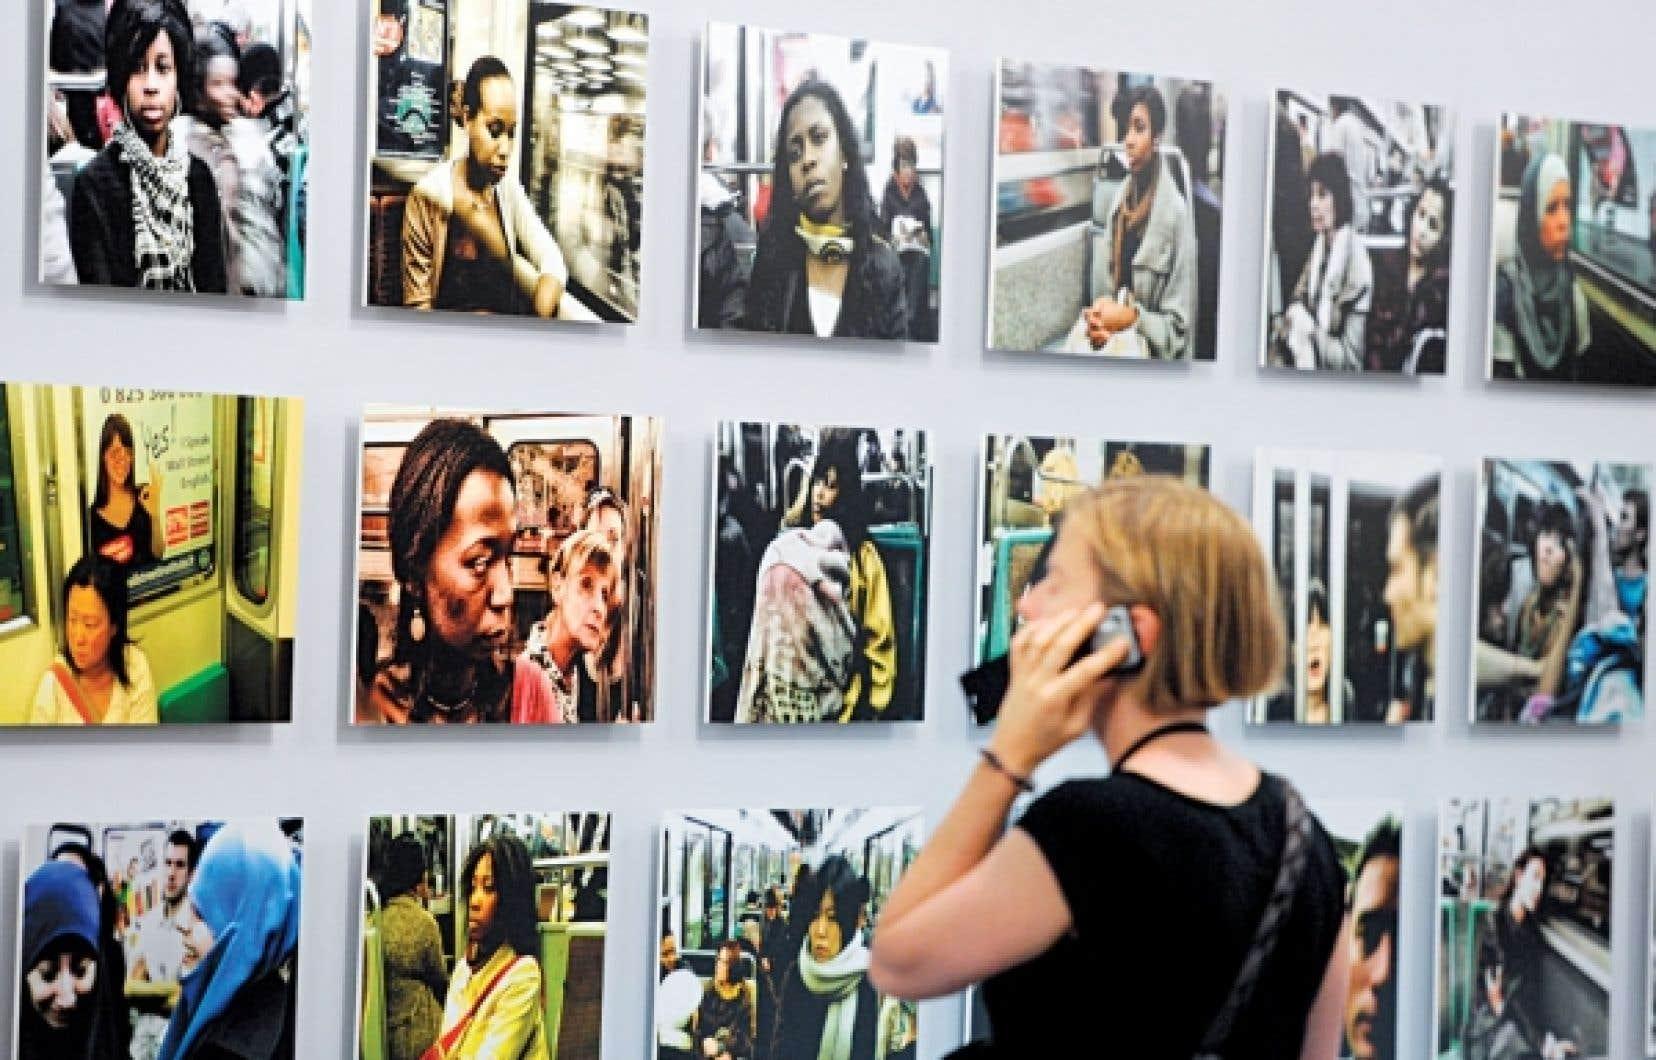 L'homme, qui fuyait photographes et entrevues, était à la fois cinéaste, éditeur, traducteur, poète, essayiste, photographe. Sur notre photo : une femme regarde l'exposition de photographies de Chris Marker lors des 42es Rencontres d'Arles, en juillet 2011.